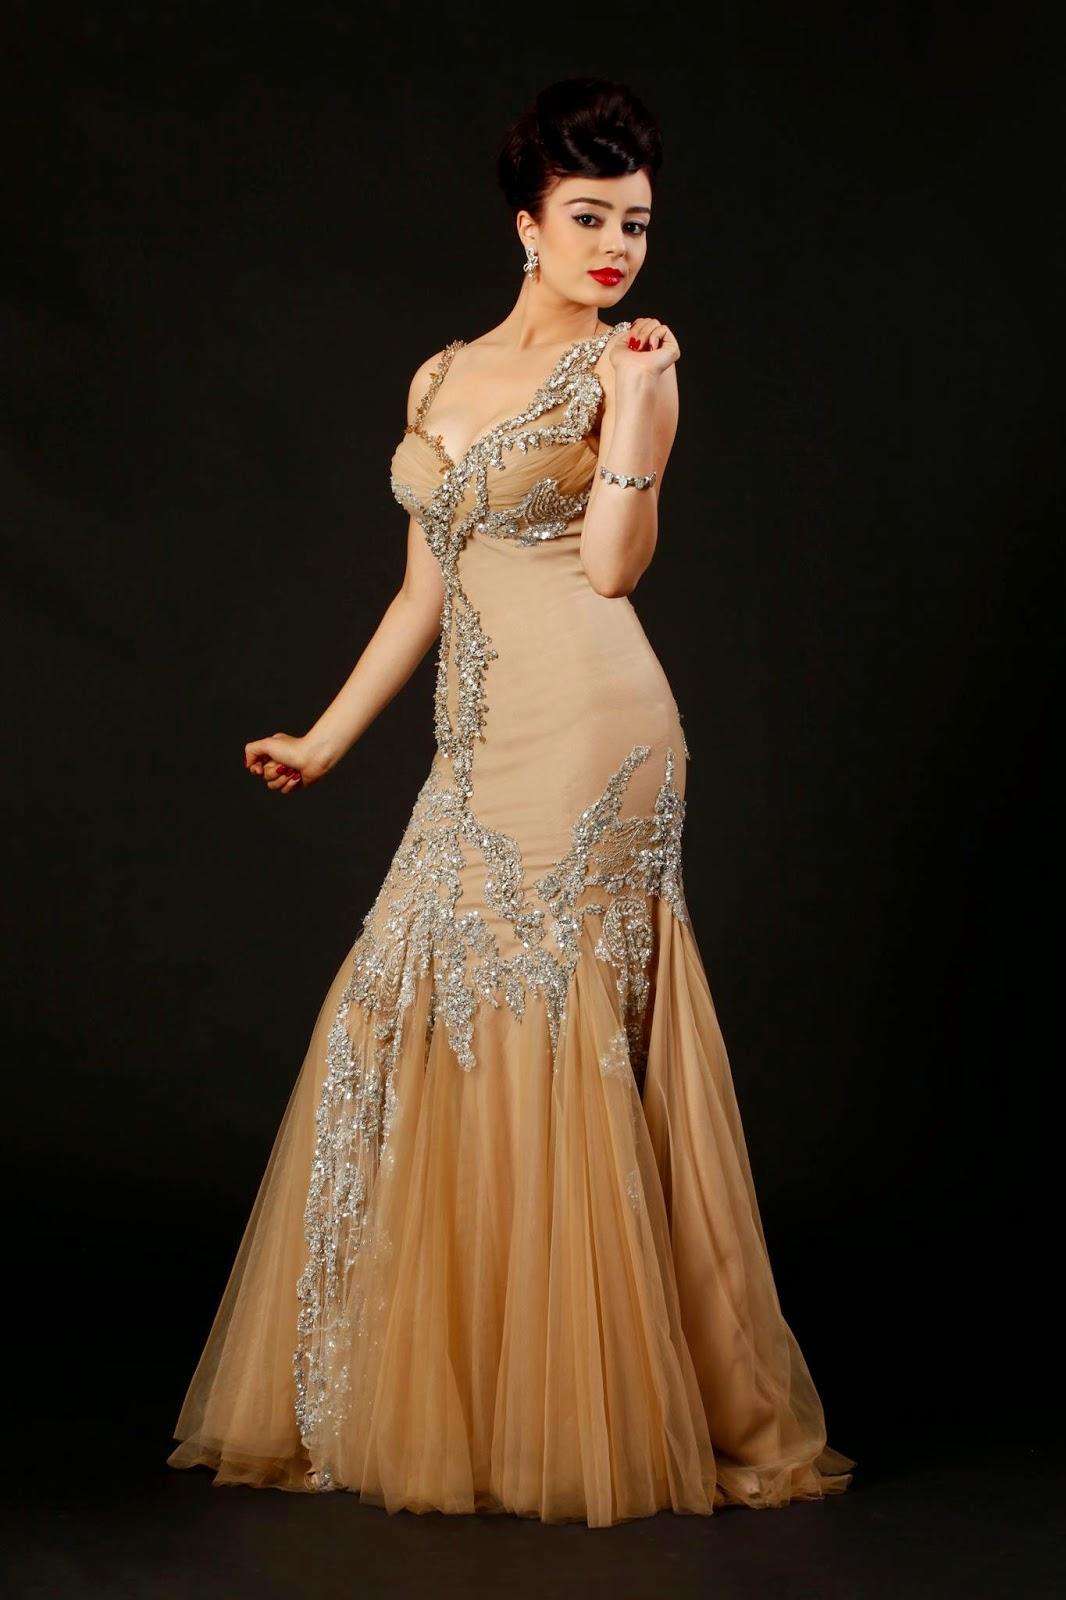 sublime robe de fian ailles olfa turki tout pour mon mariage. Black Bedroom Furniture Sets. Home Design Ideas